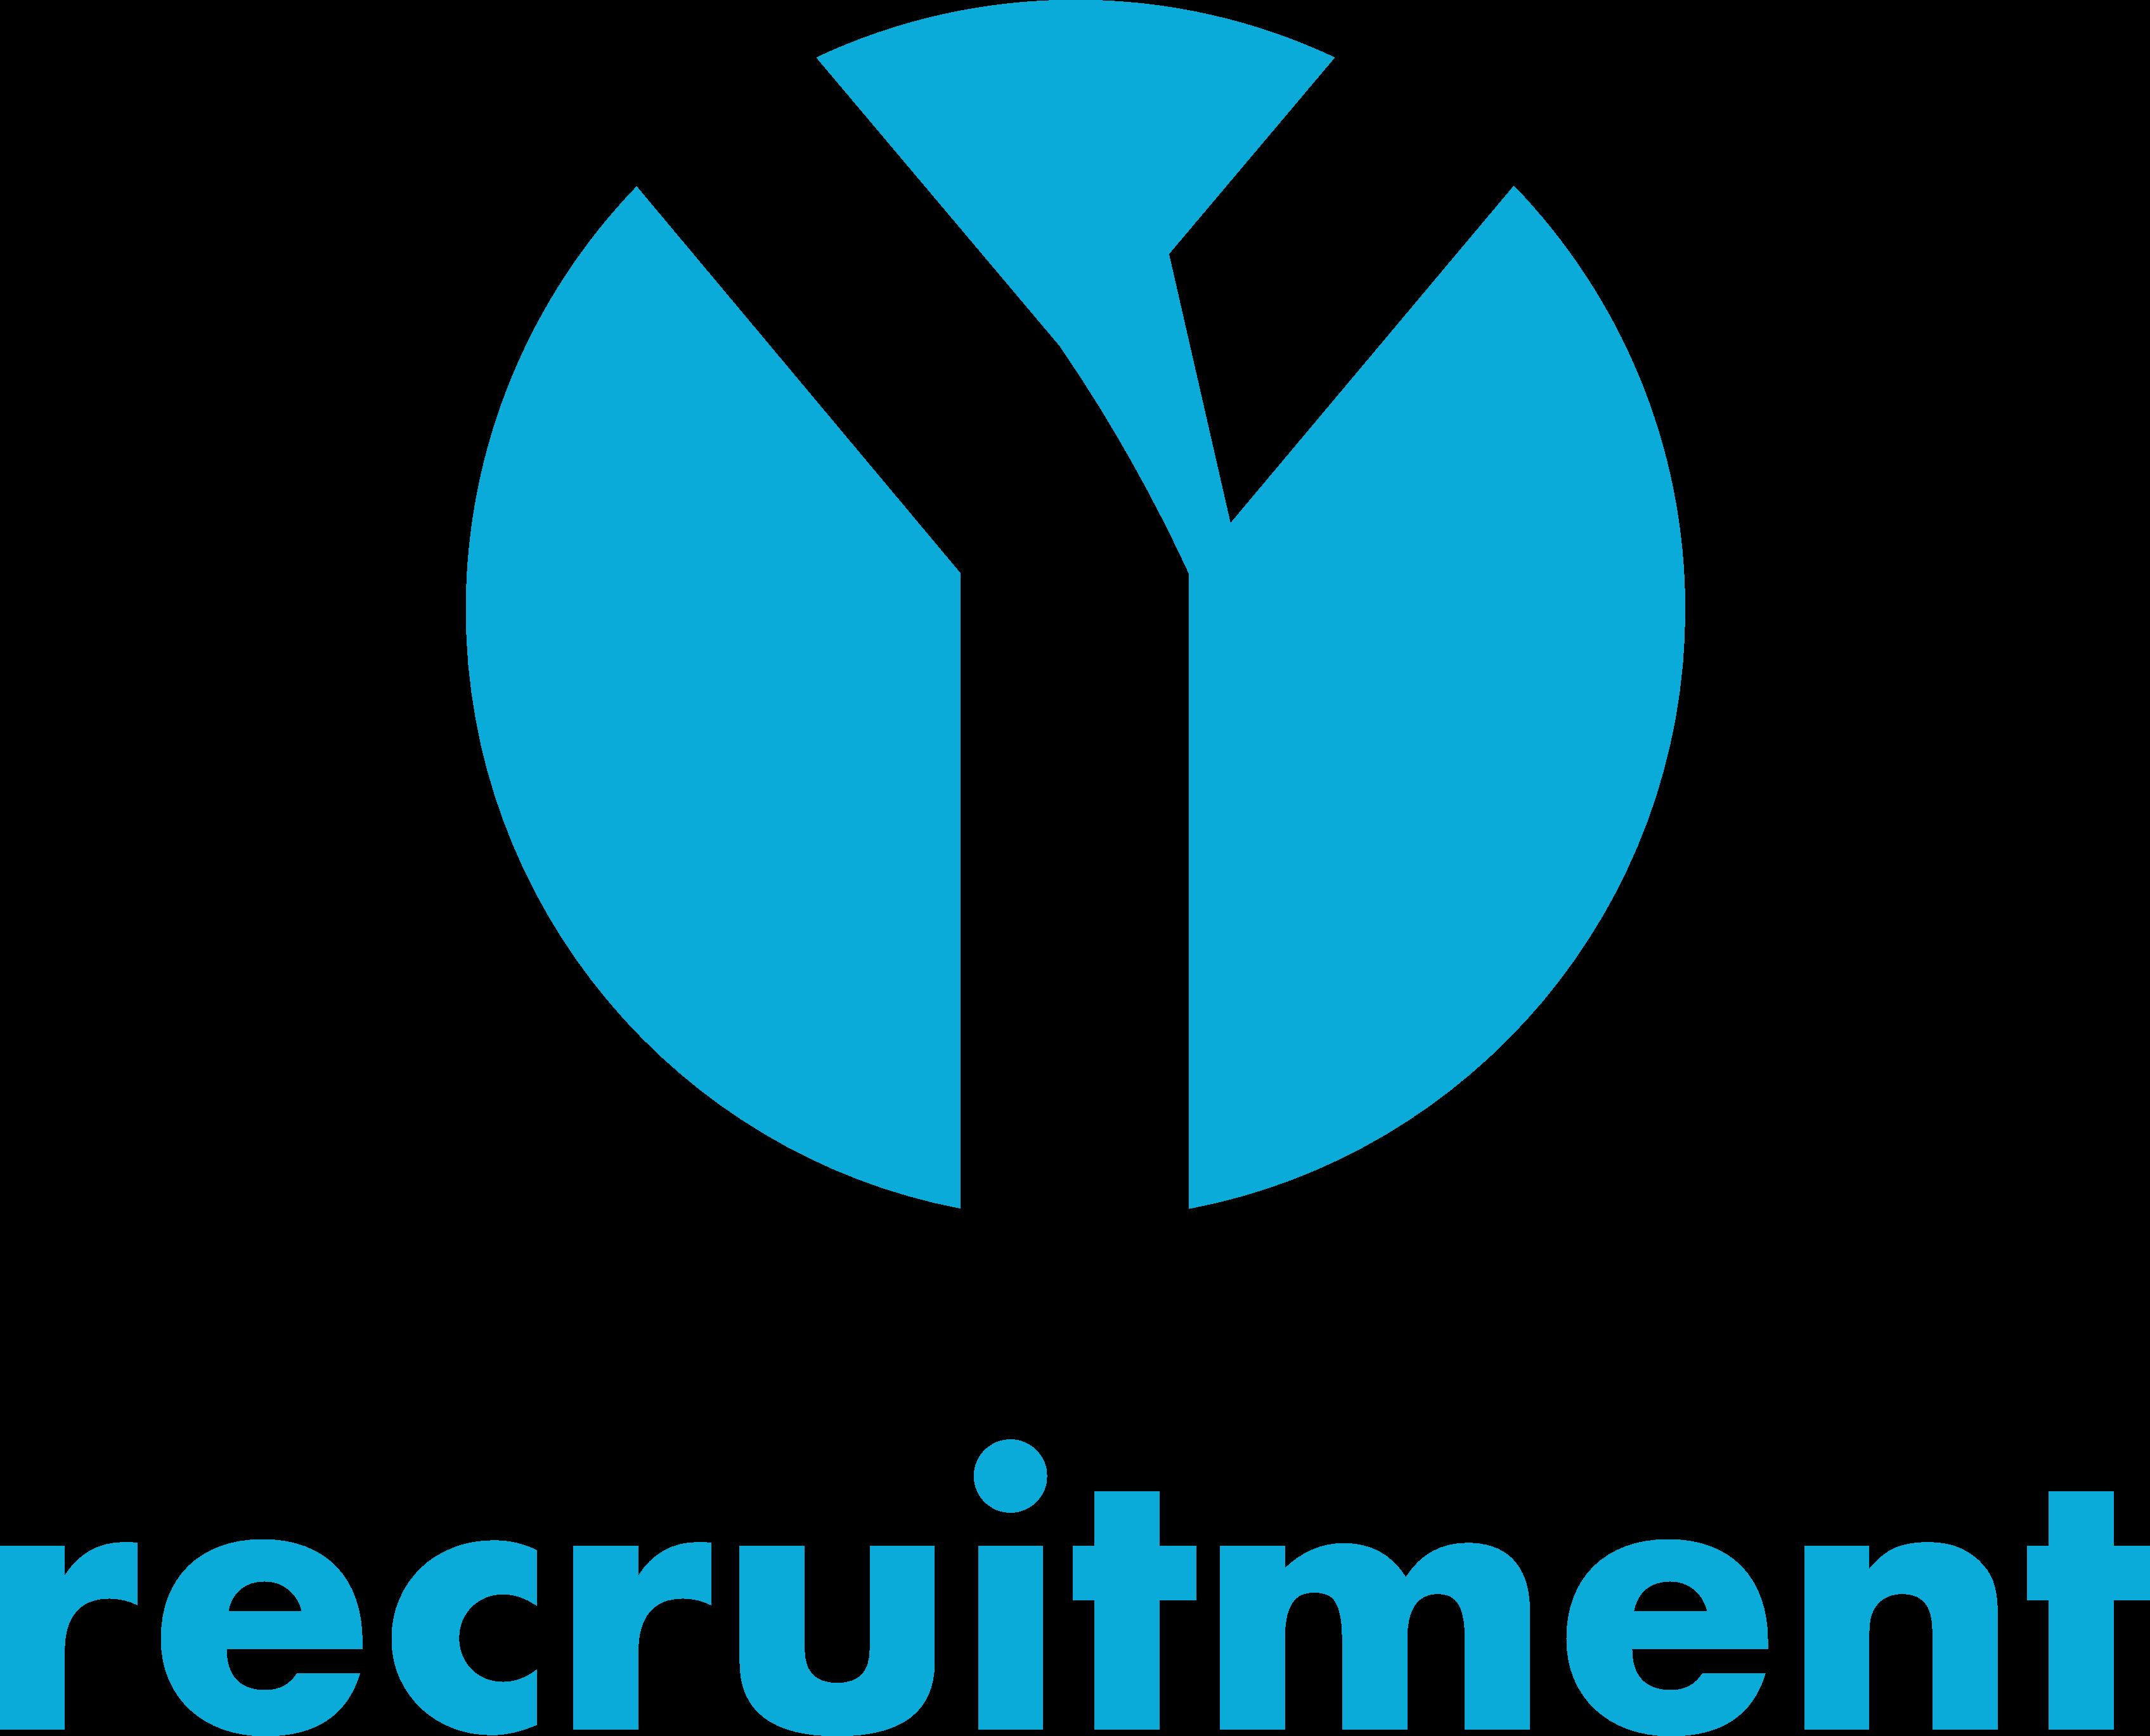 Y Recruitment